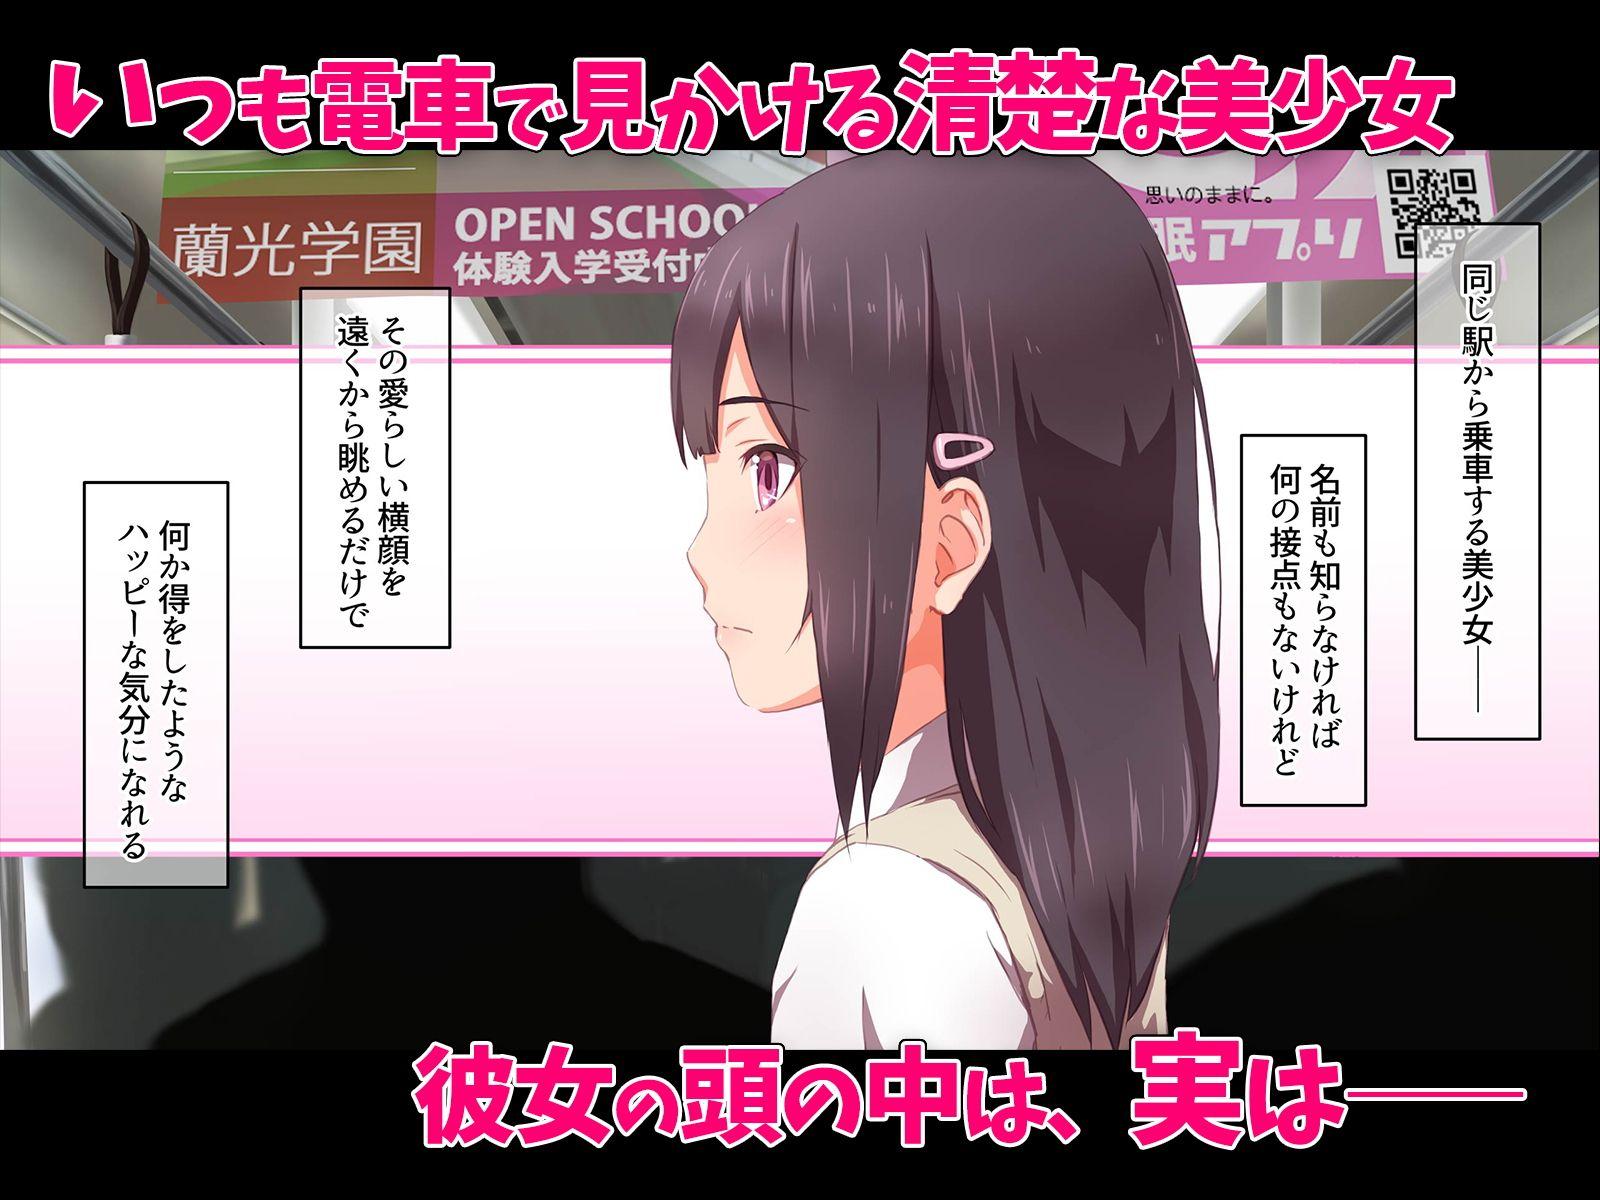 純真処女梓希の発情 【作品ネタバレ】